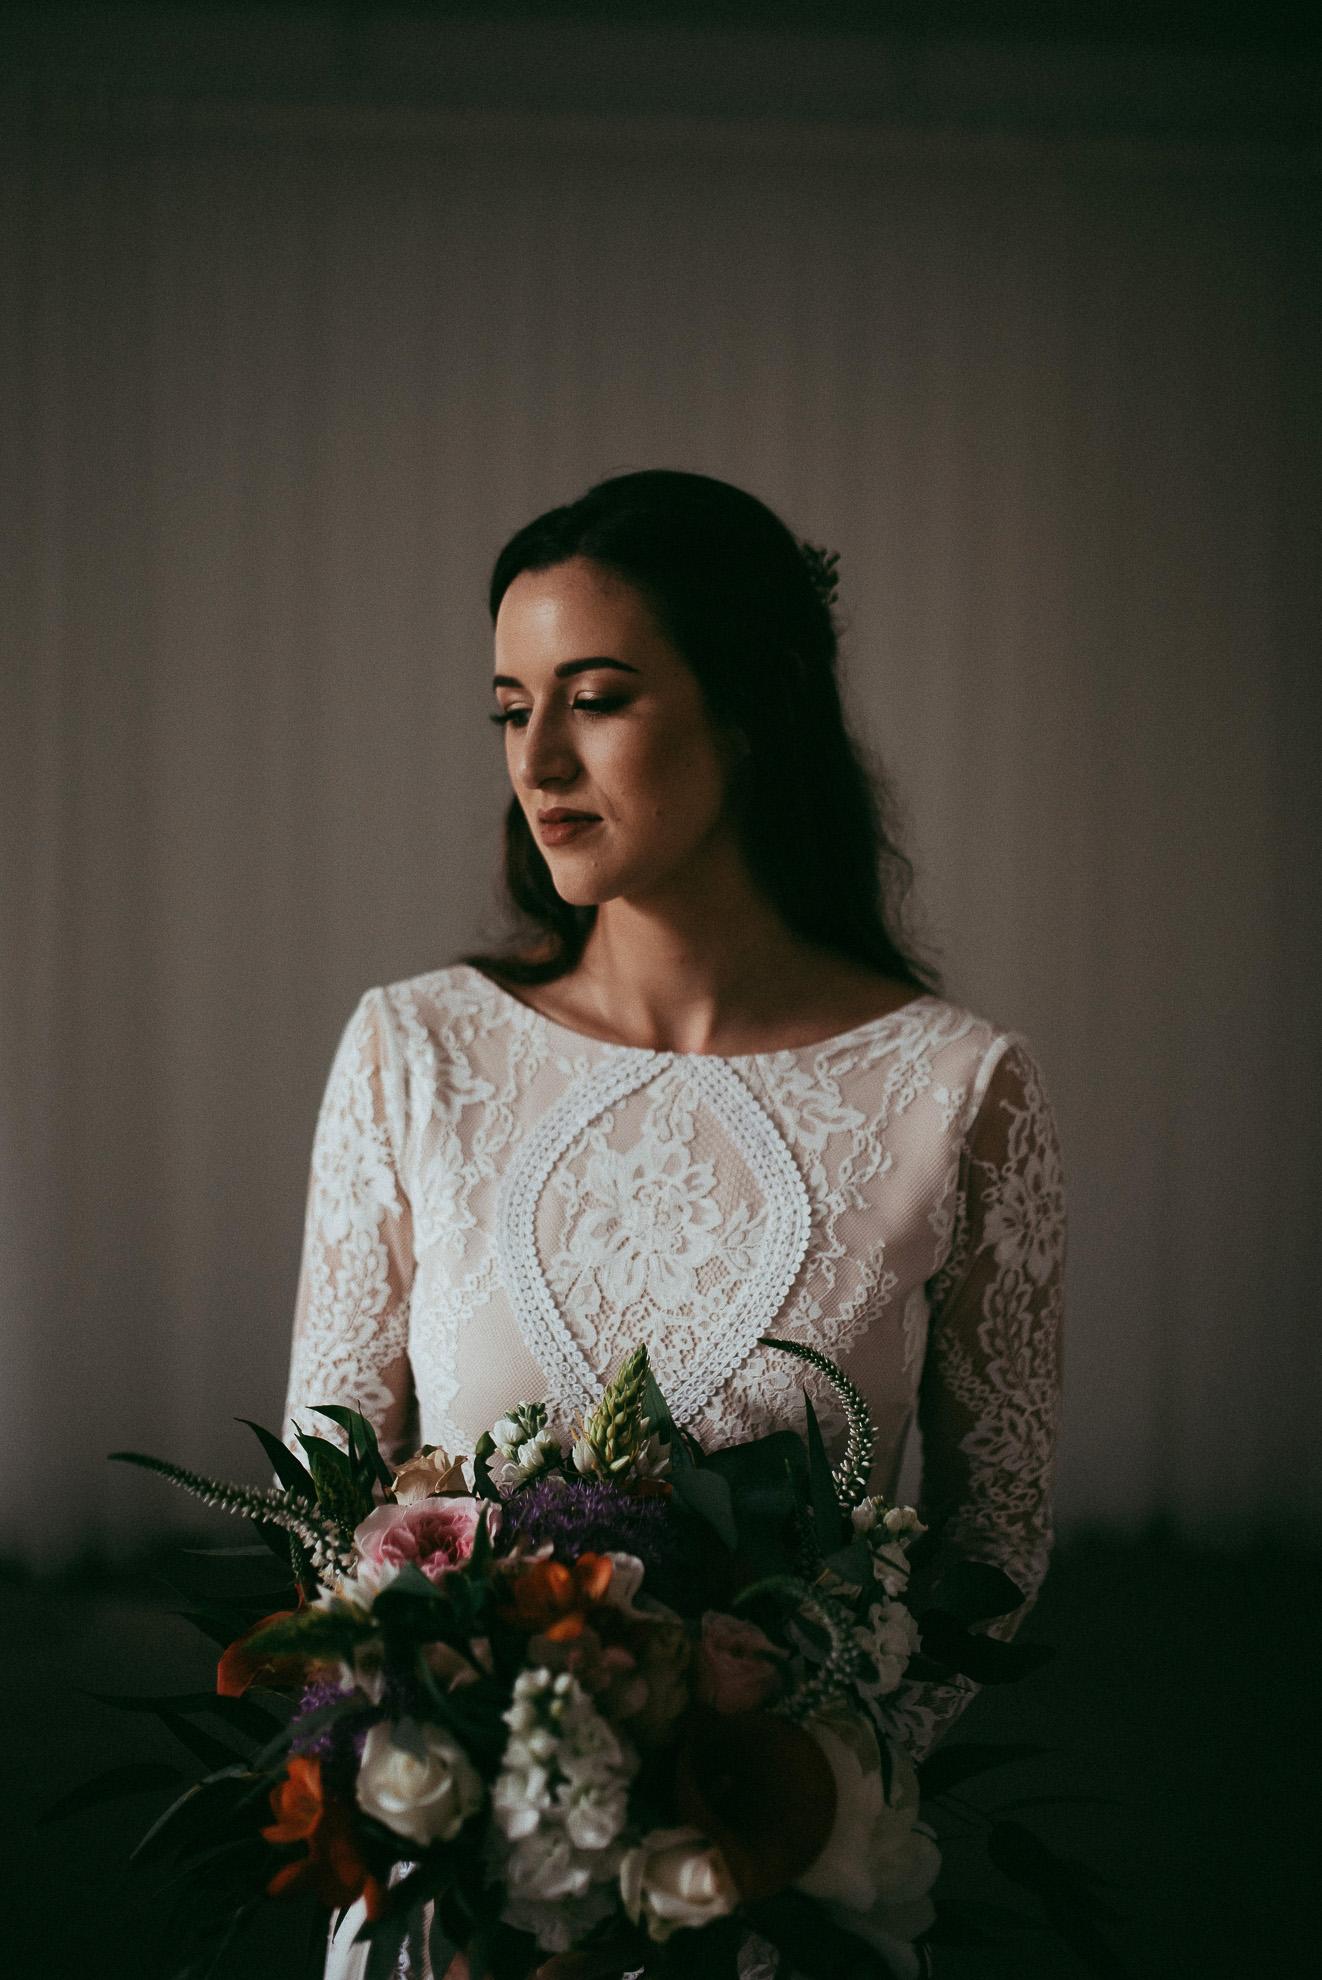 Kumeu wedding photographers - bridal portraiture - West Auckland